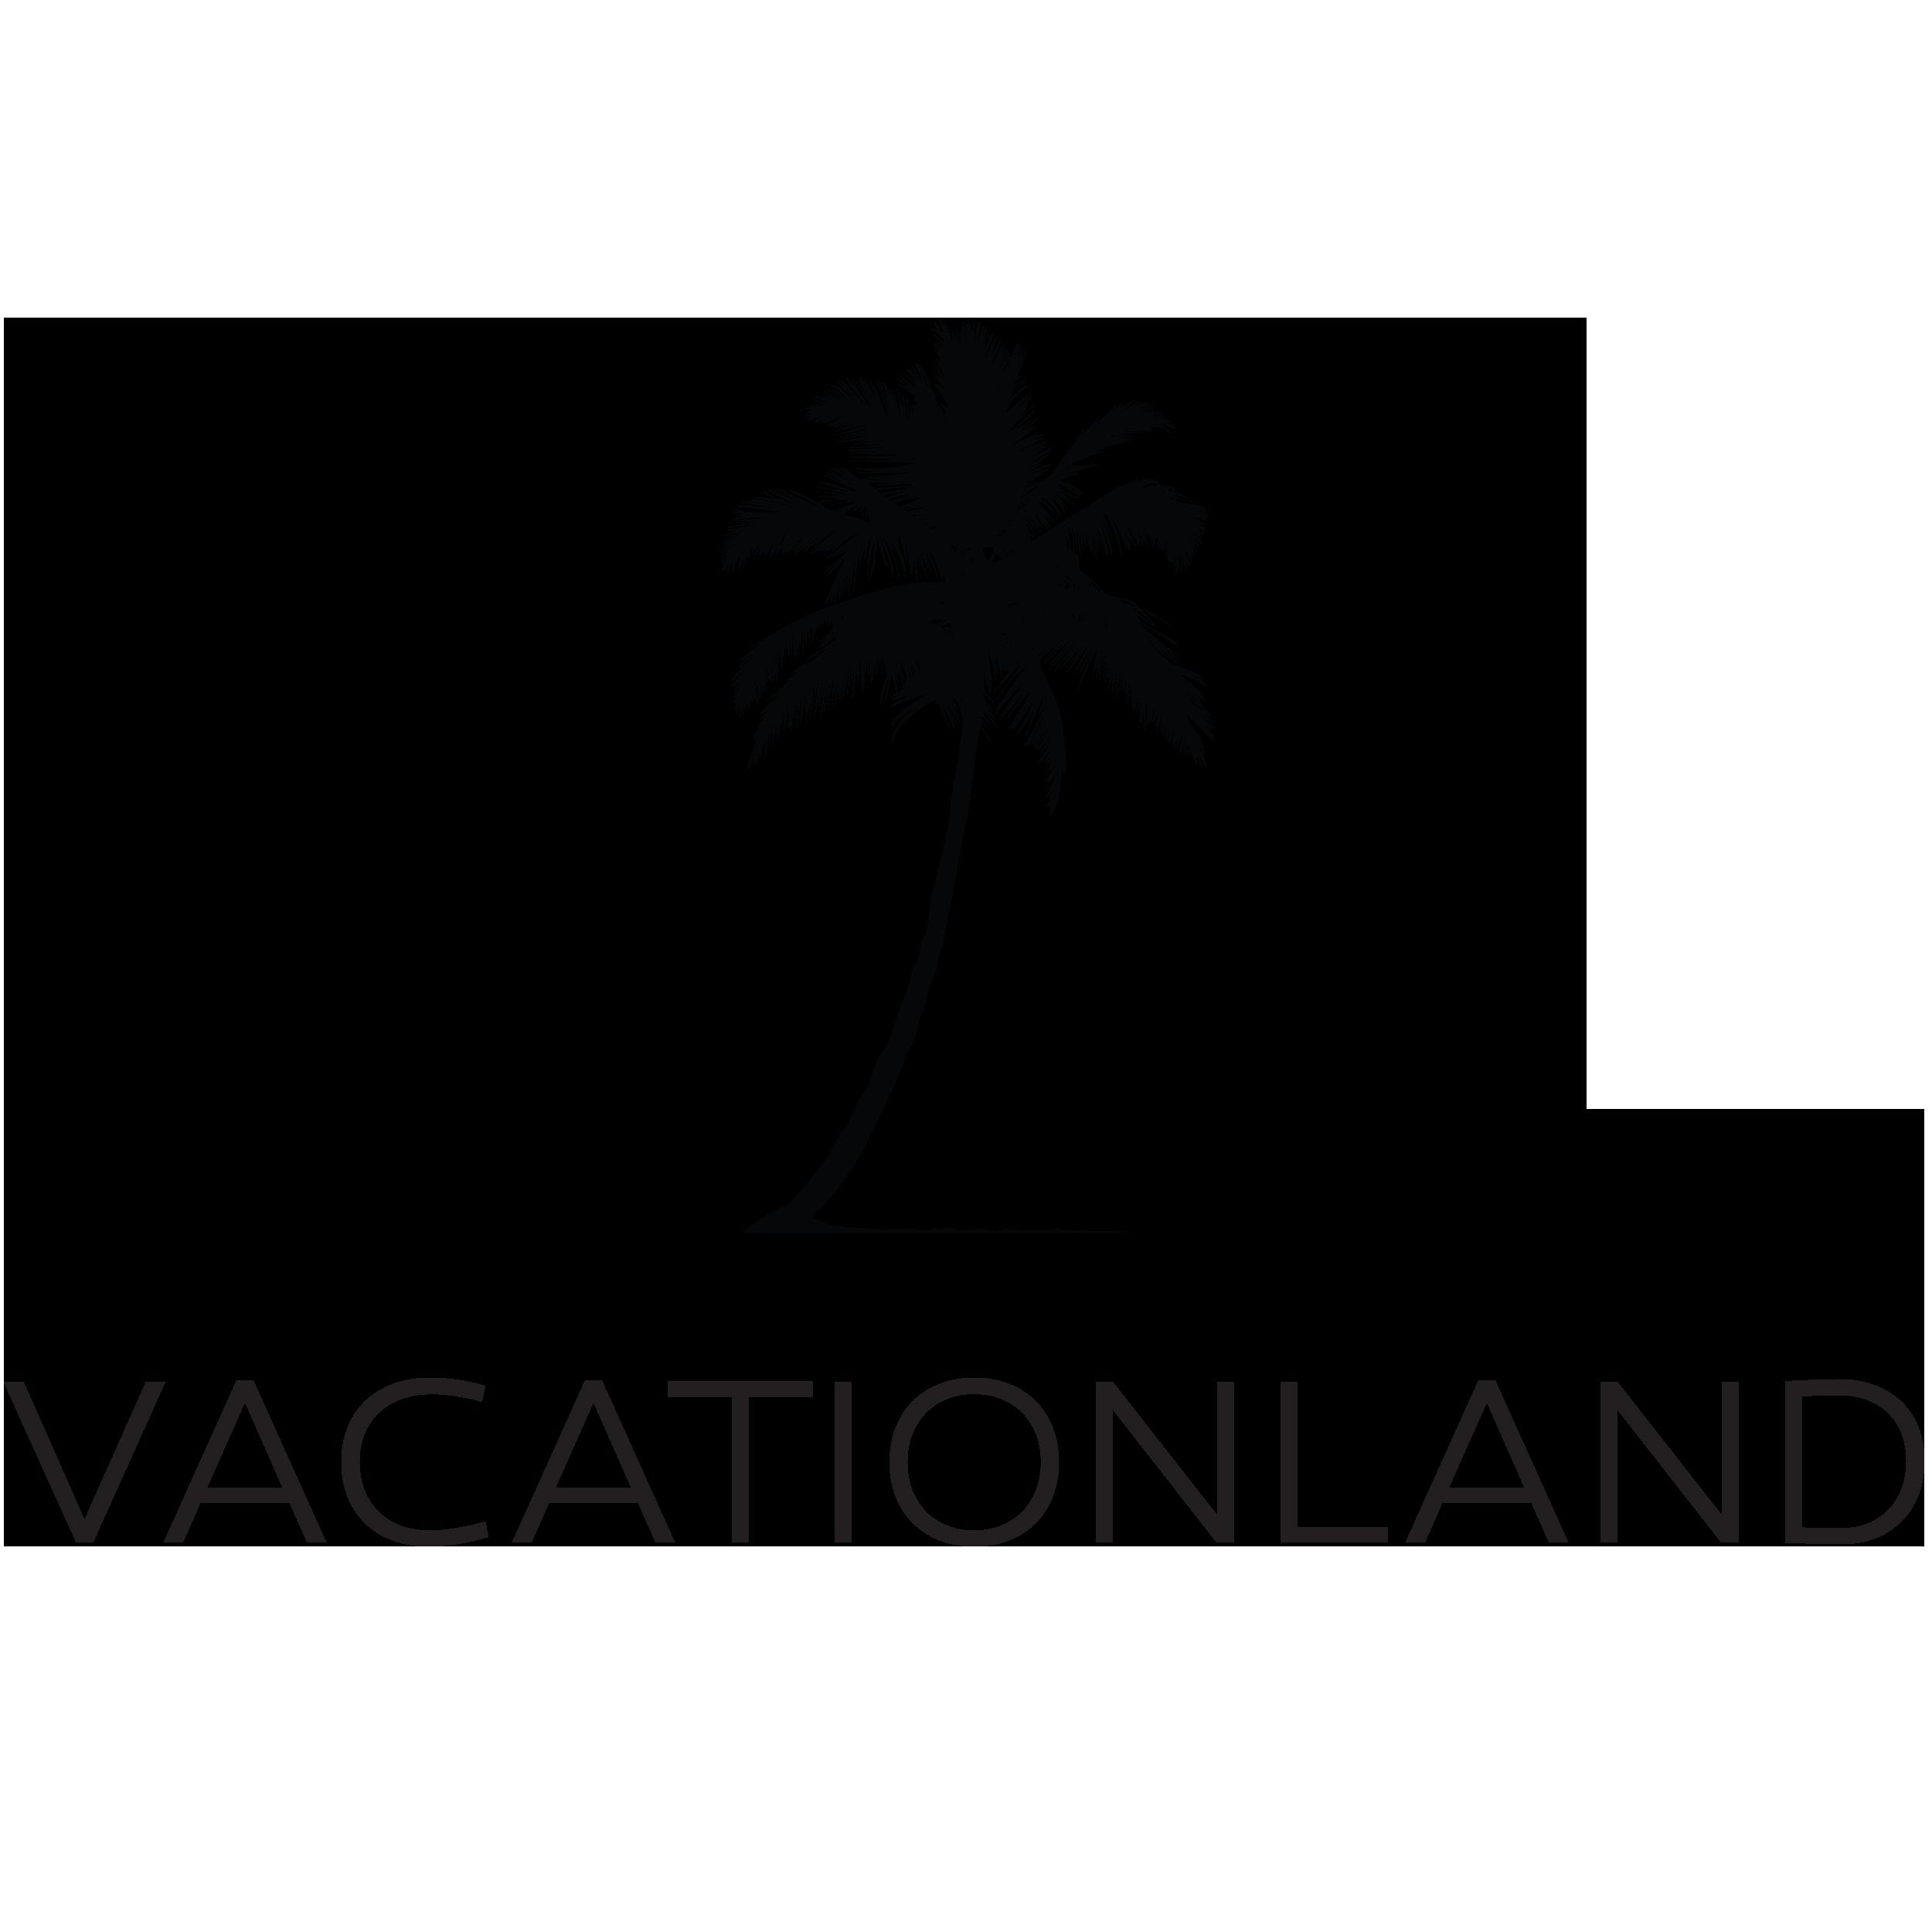 Vacationland.png